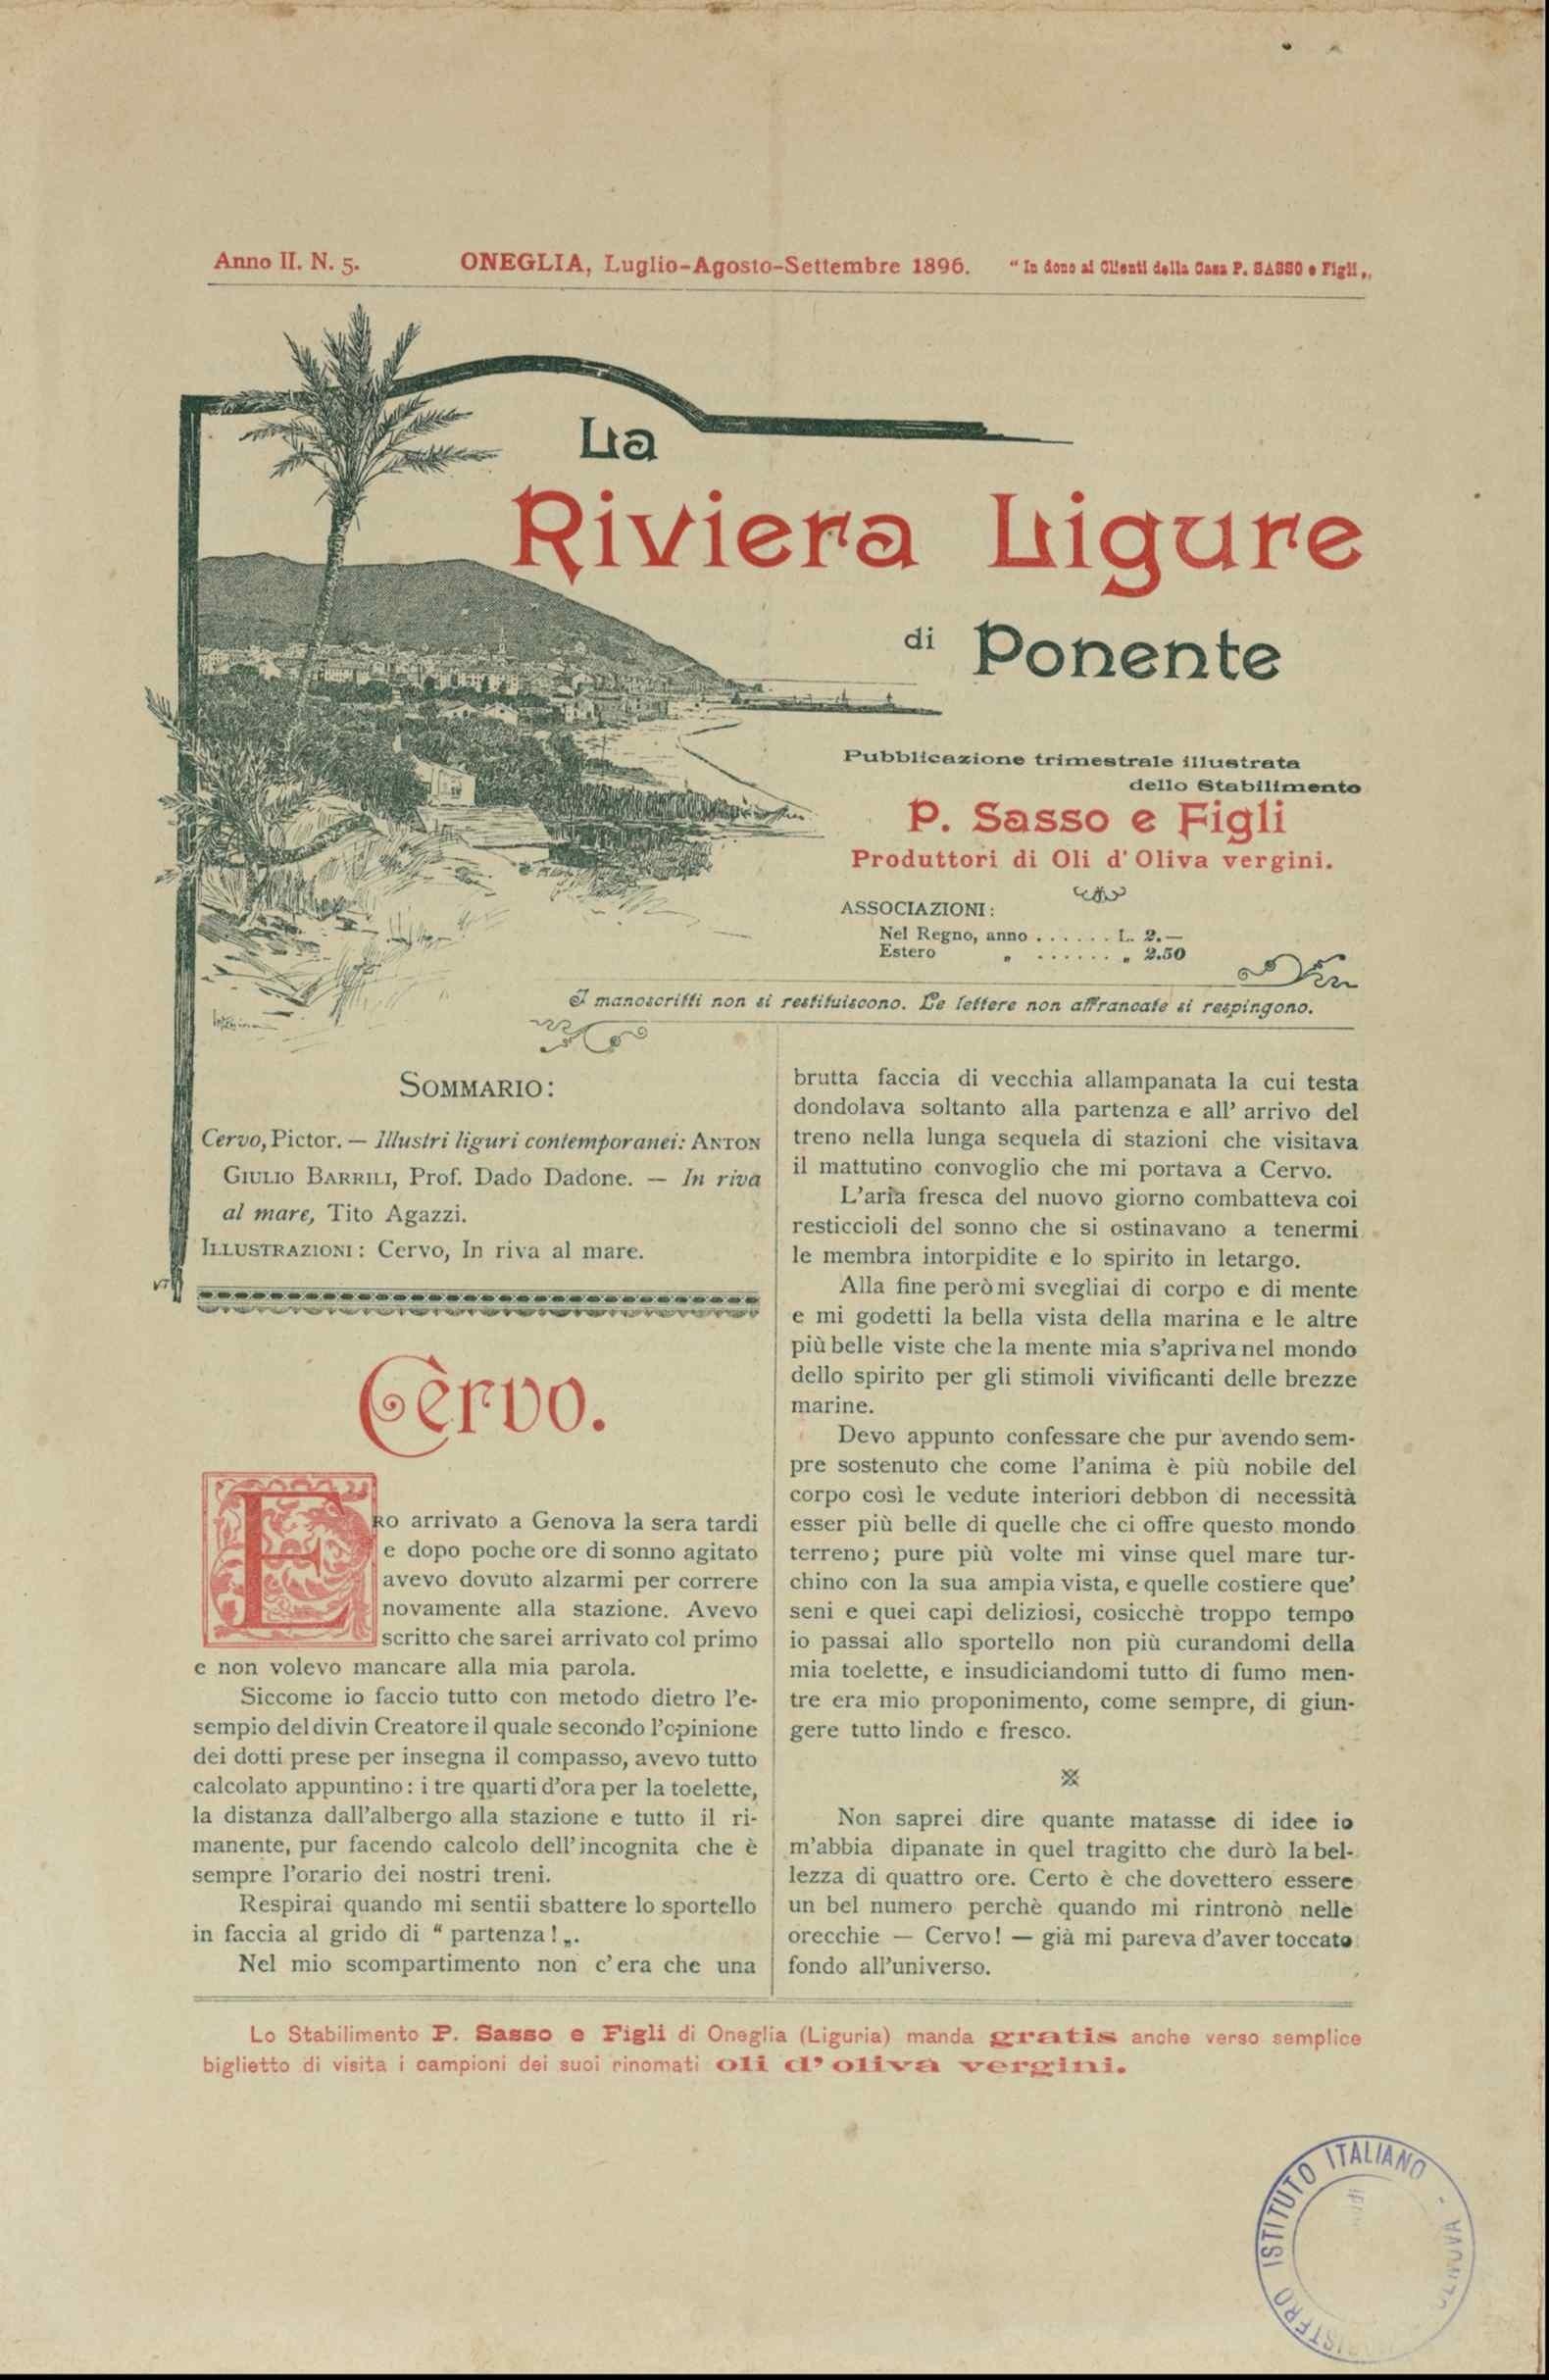 La famiglia Novaro e l'olio da olive: l'altro volto della «Riviera Ligure»